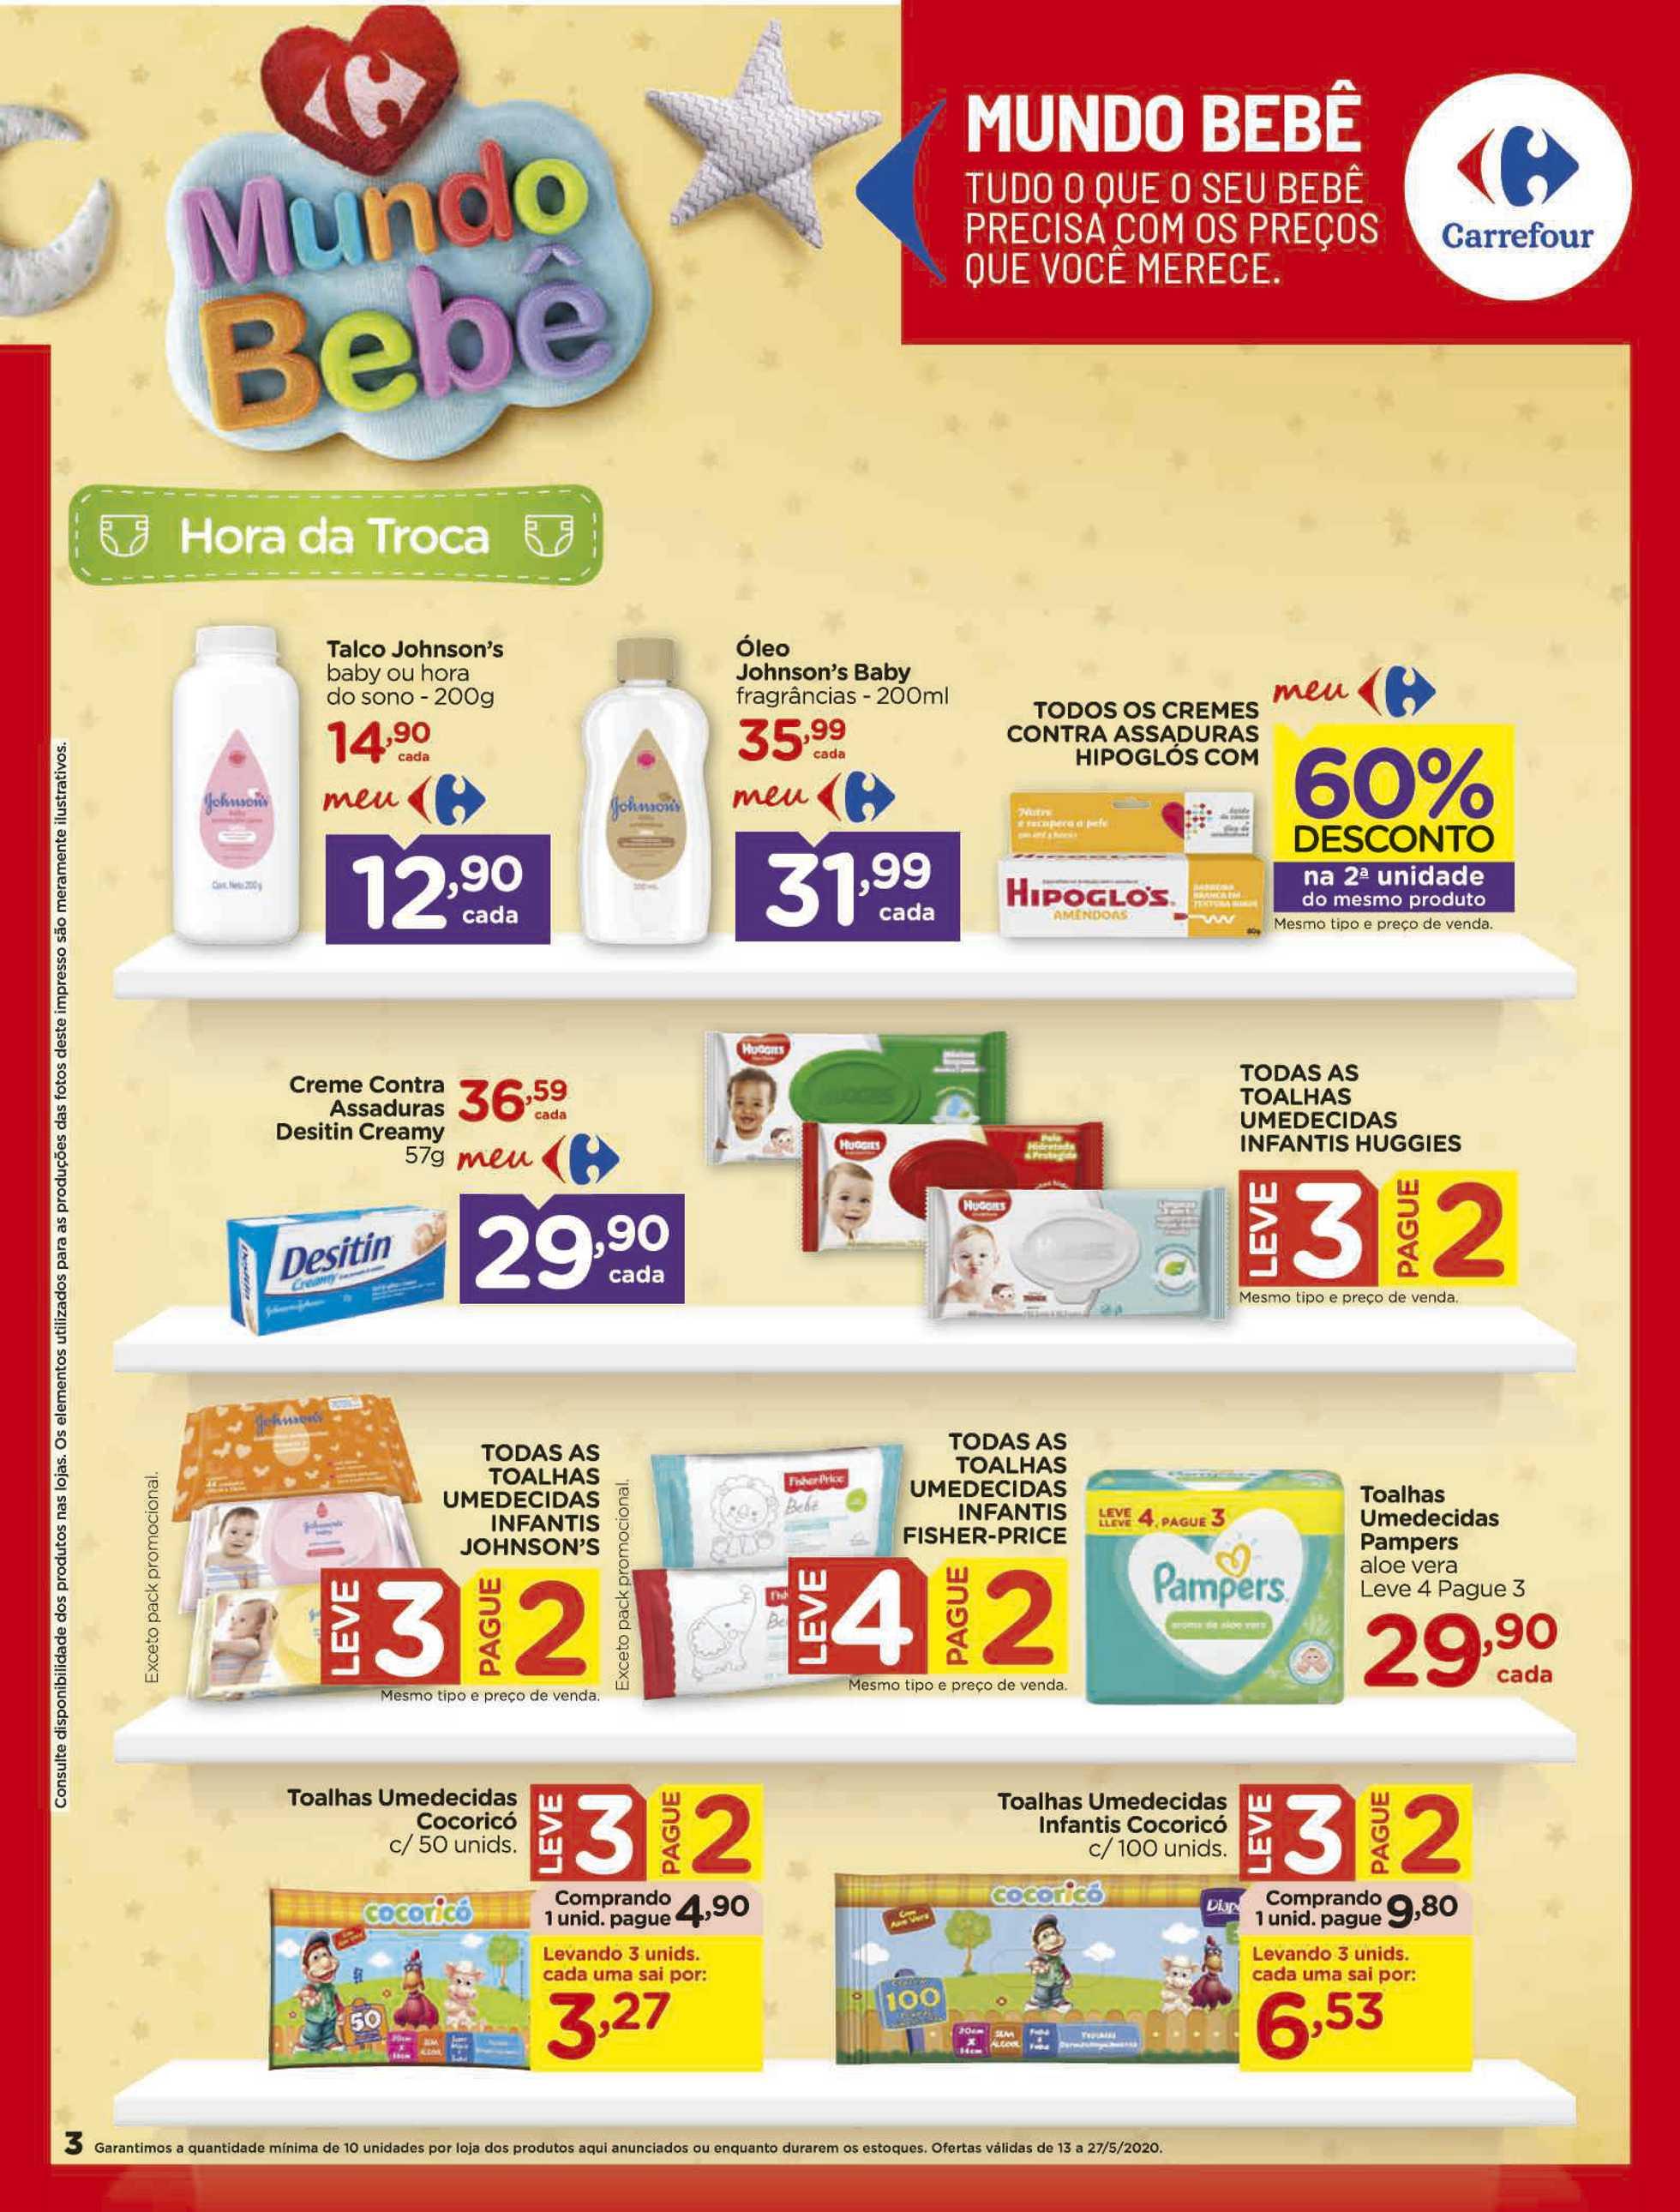 Carrefour - encarte válido desde 13.05.2020 até 27.05.2020 - página 3. Neste folheto você poder encontrar fraldas, estandes, galinha, galinha, estandes, fraldas